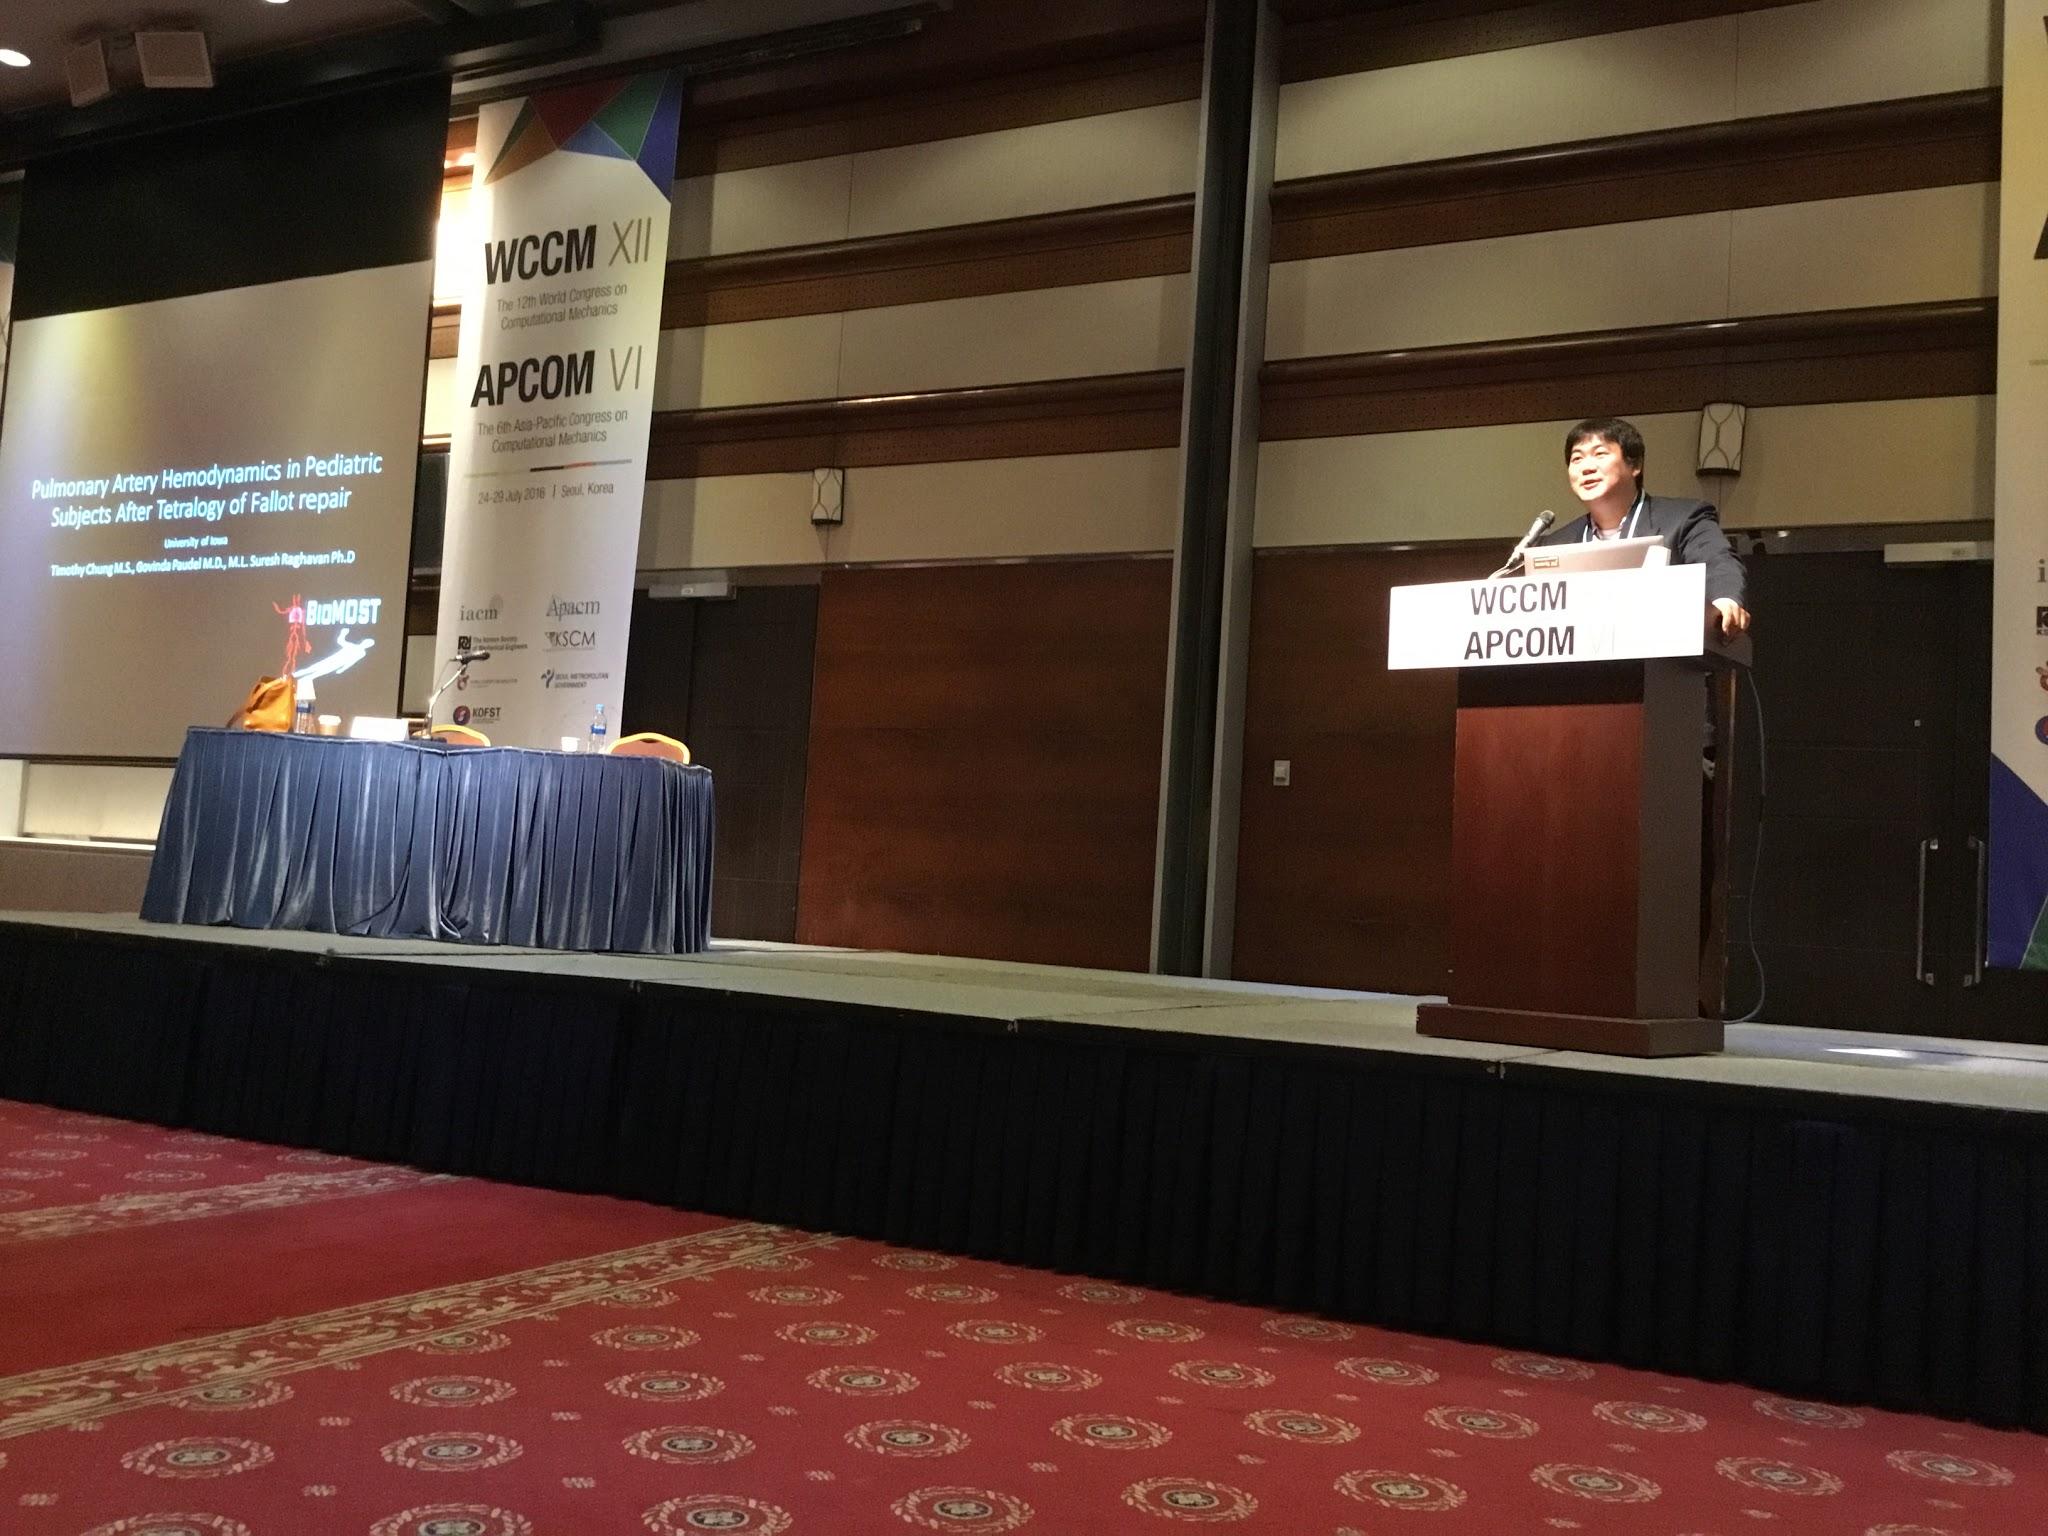 WCCM/APCOM 2016 in Seoul Korea